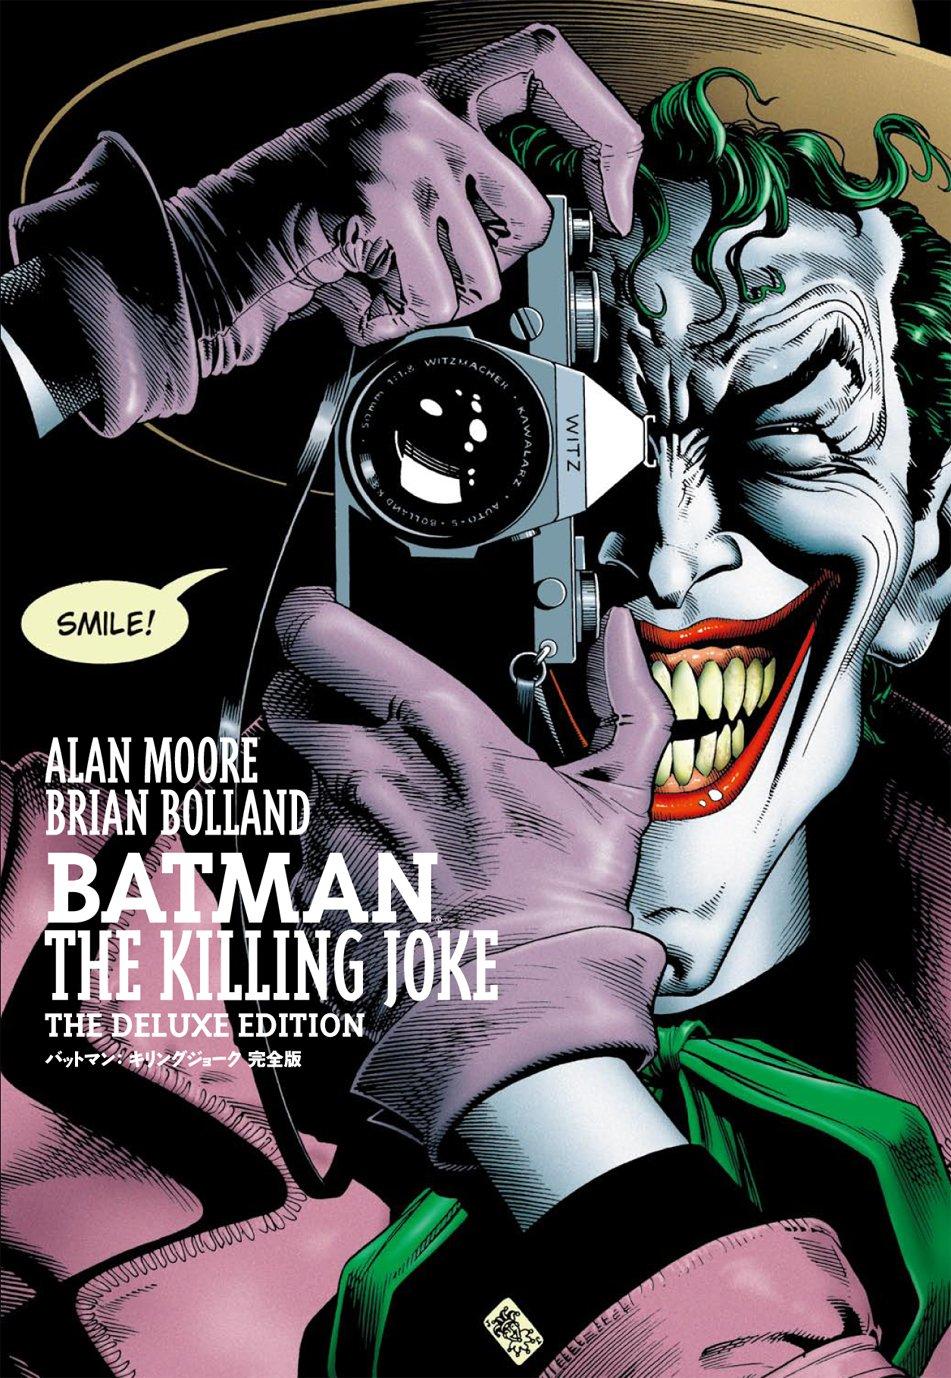 「バットマン:キリングジョーク」の画像検索結果